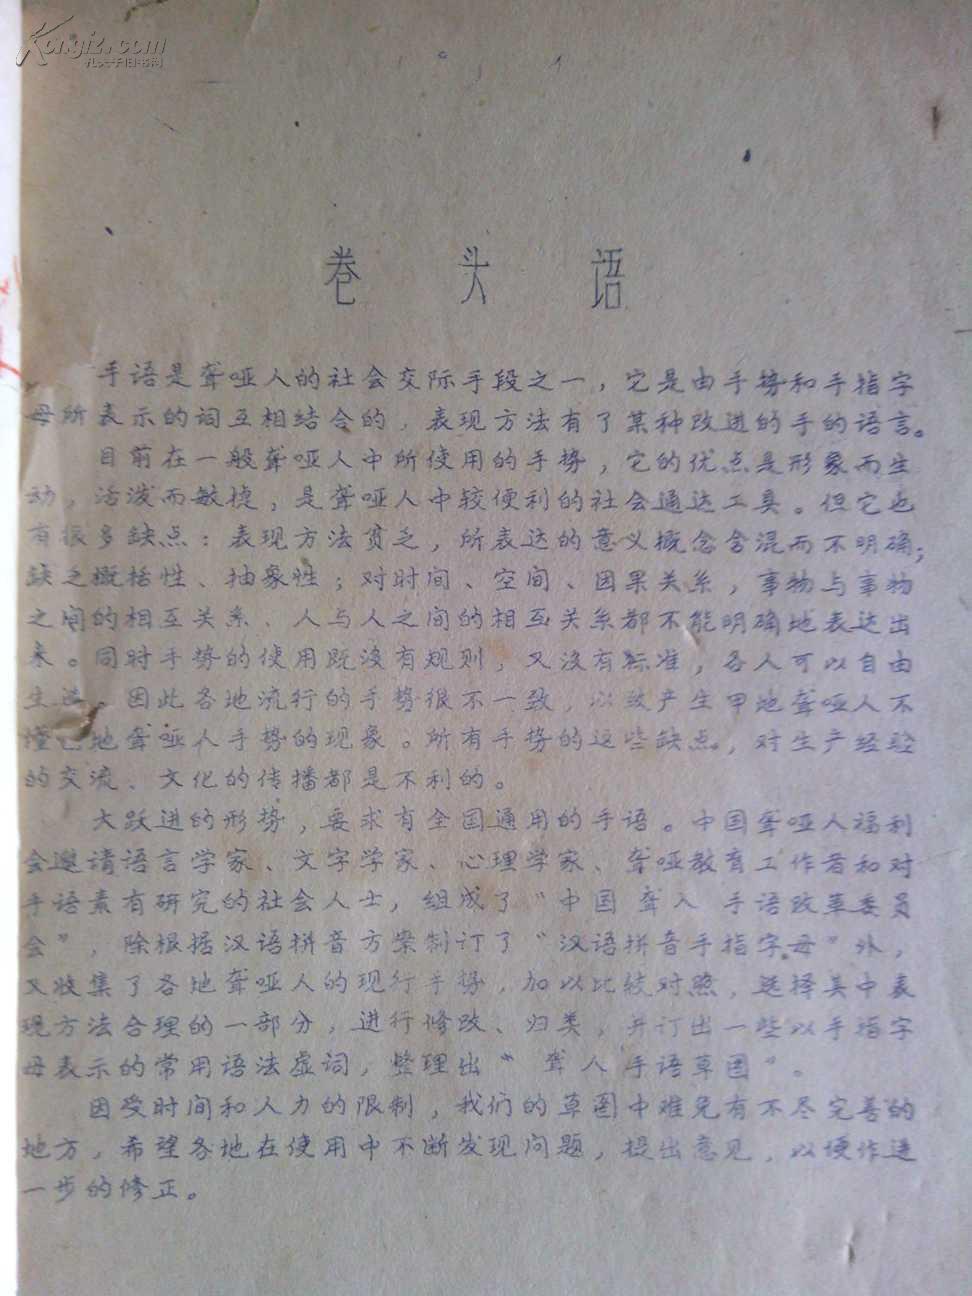 稀缺资料 聋哑人通用手语草图 第1辑 第2辑 第3辑 3本合订 1964年福建